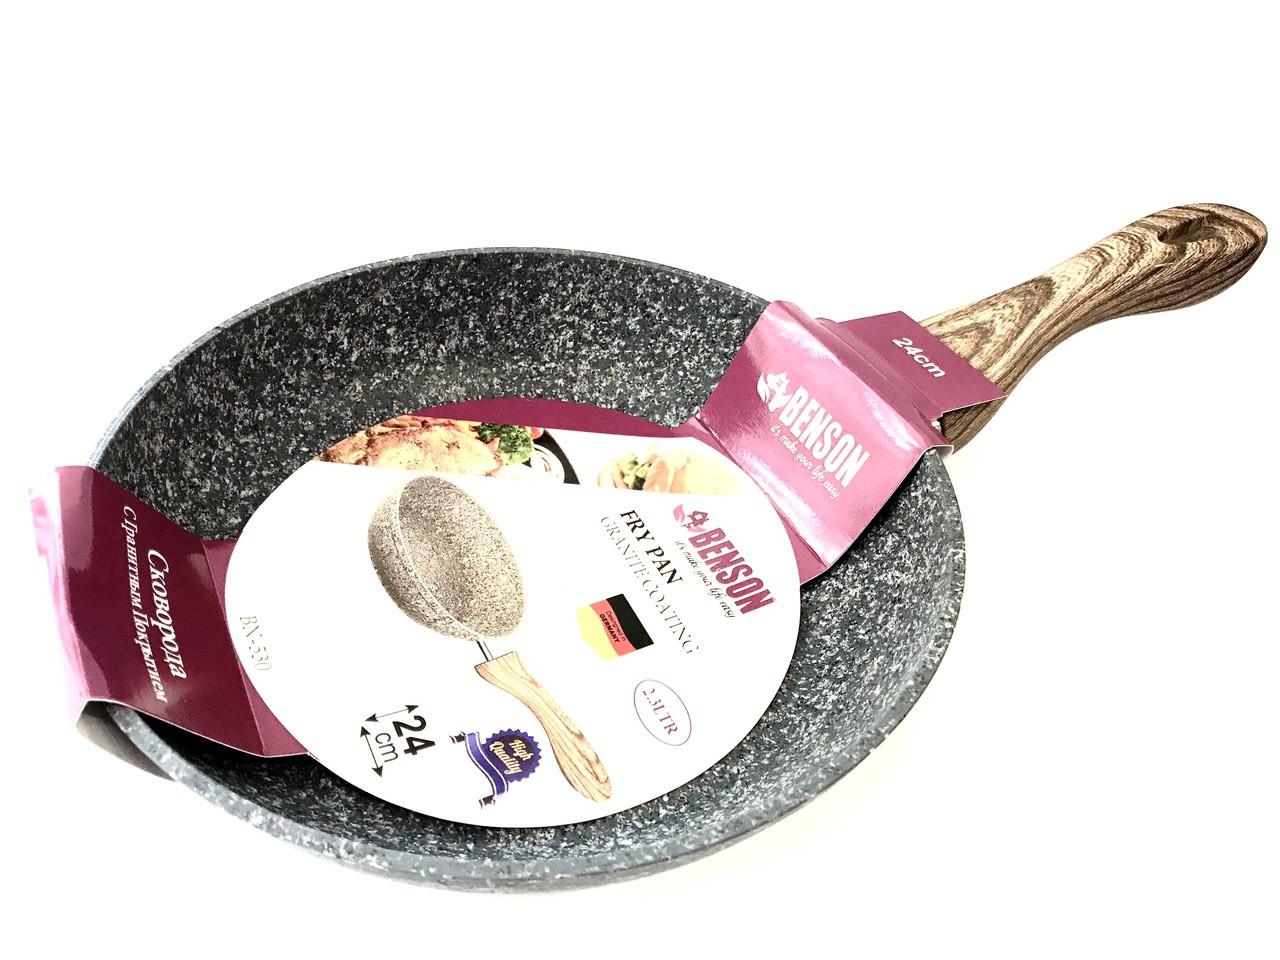 Сковорода Benson BN-530 (24 см) с антипригарным гранитным покрытием   сковородка Бенсон, сотейник Бэнсон